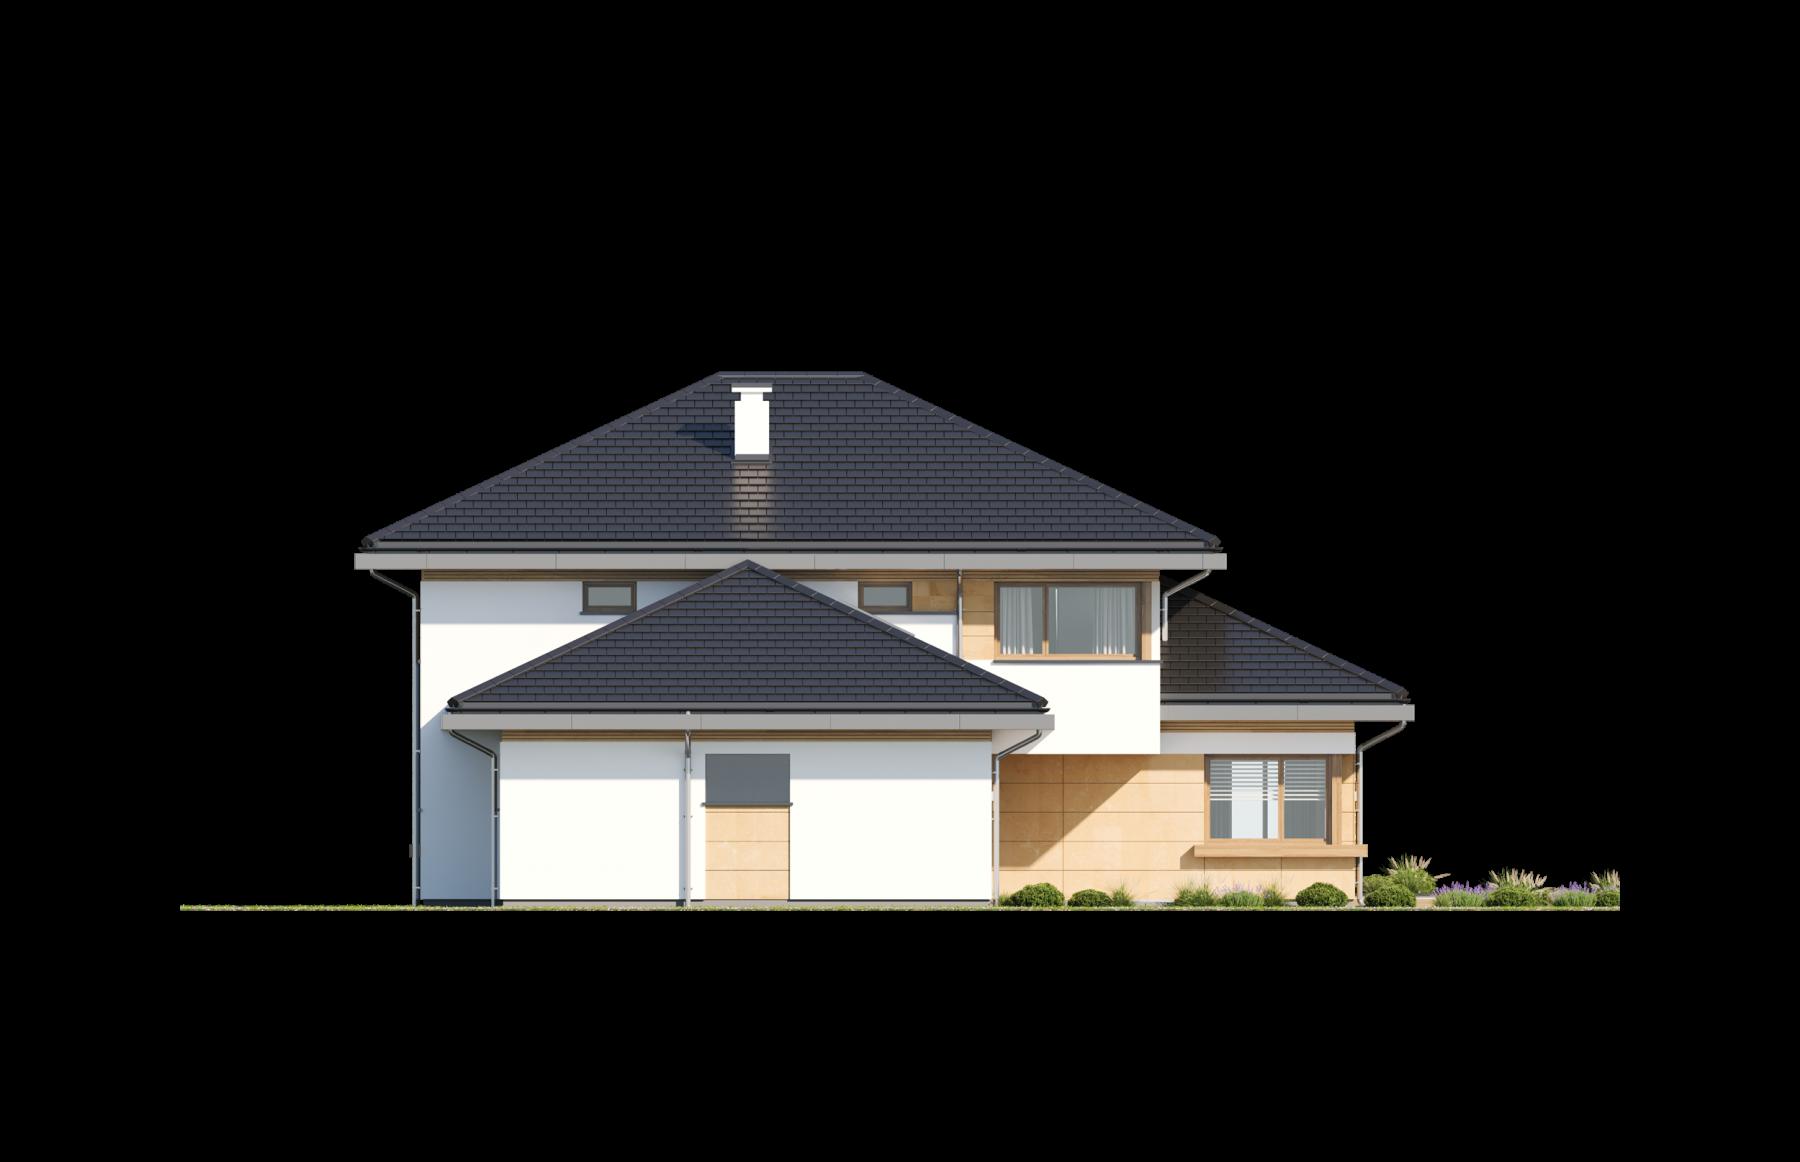 Dom z widokiem 3 wariant B - elewacja boczna odbicie lustrzane